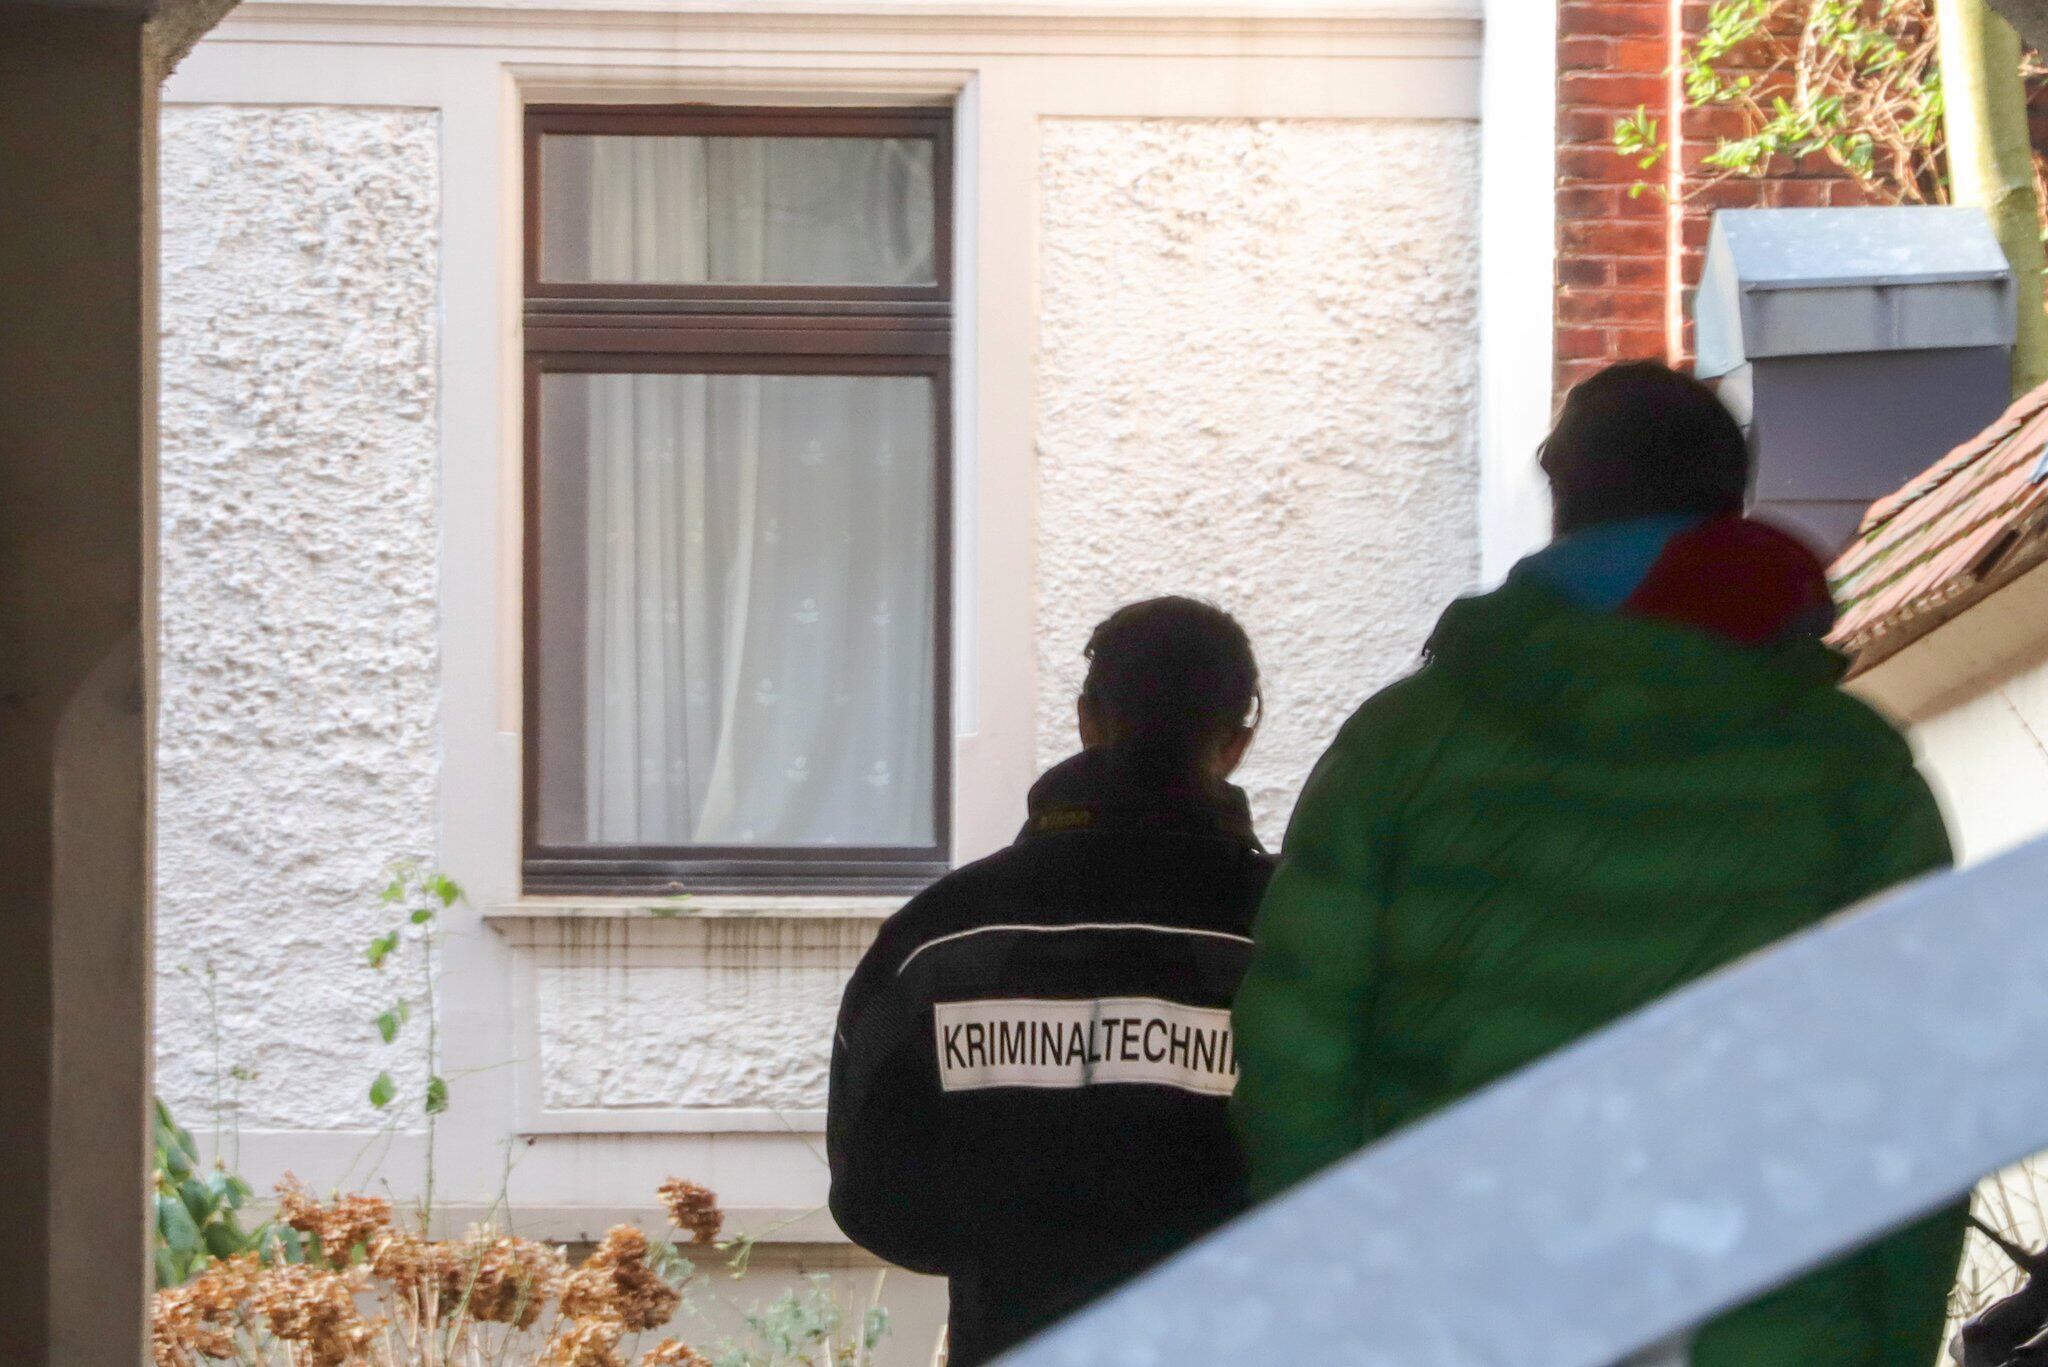 Bild zu Tödliche Polizeischüsse in Wuppertal